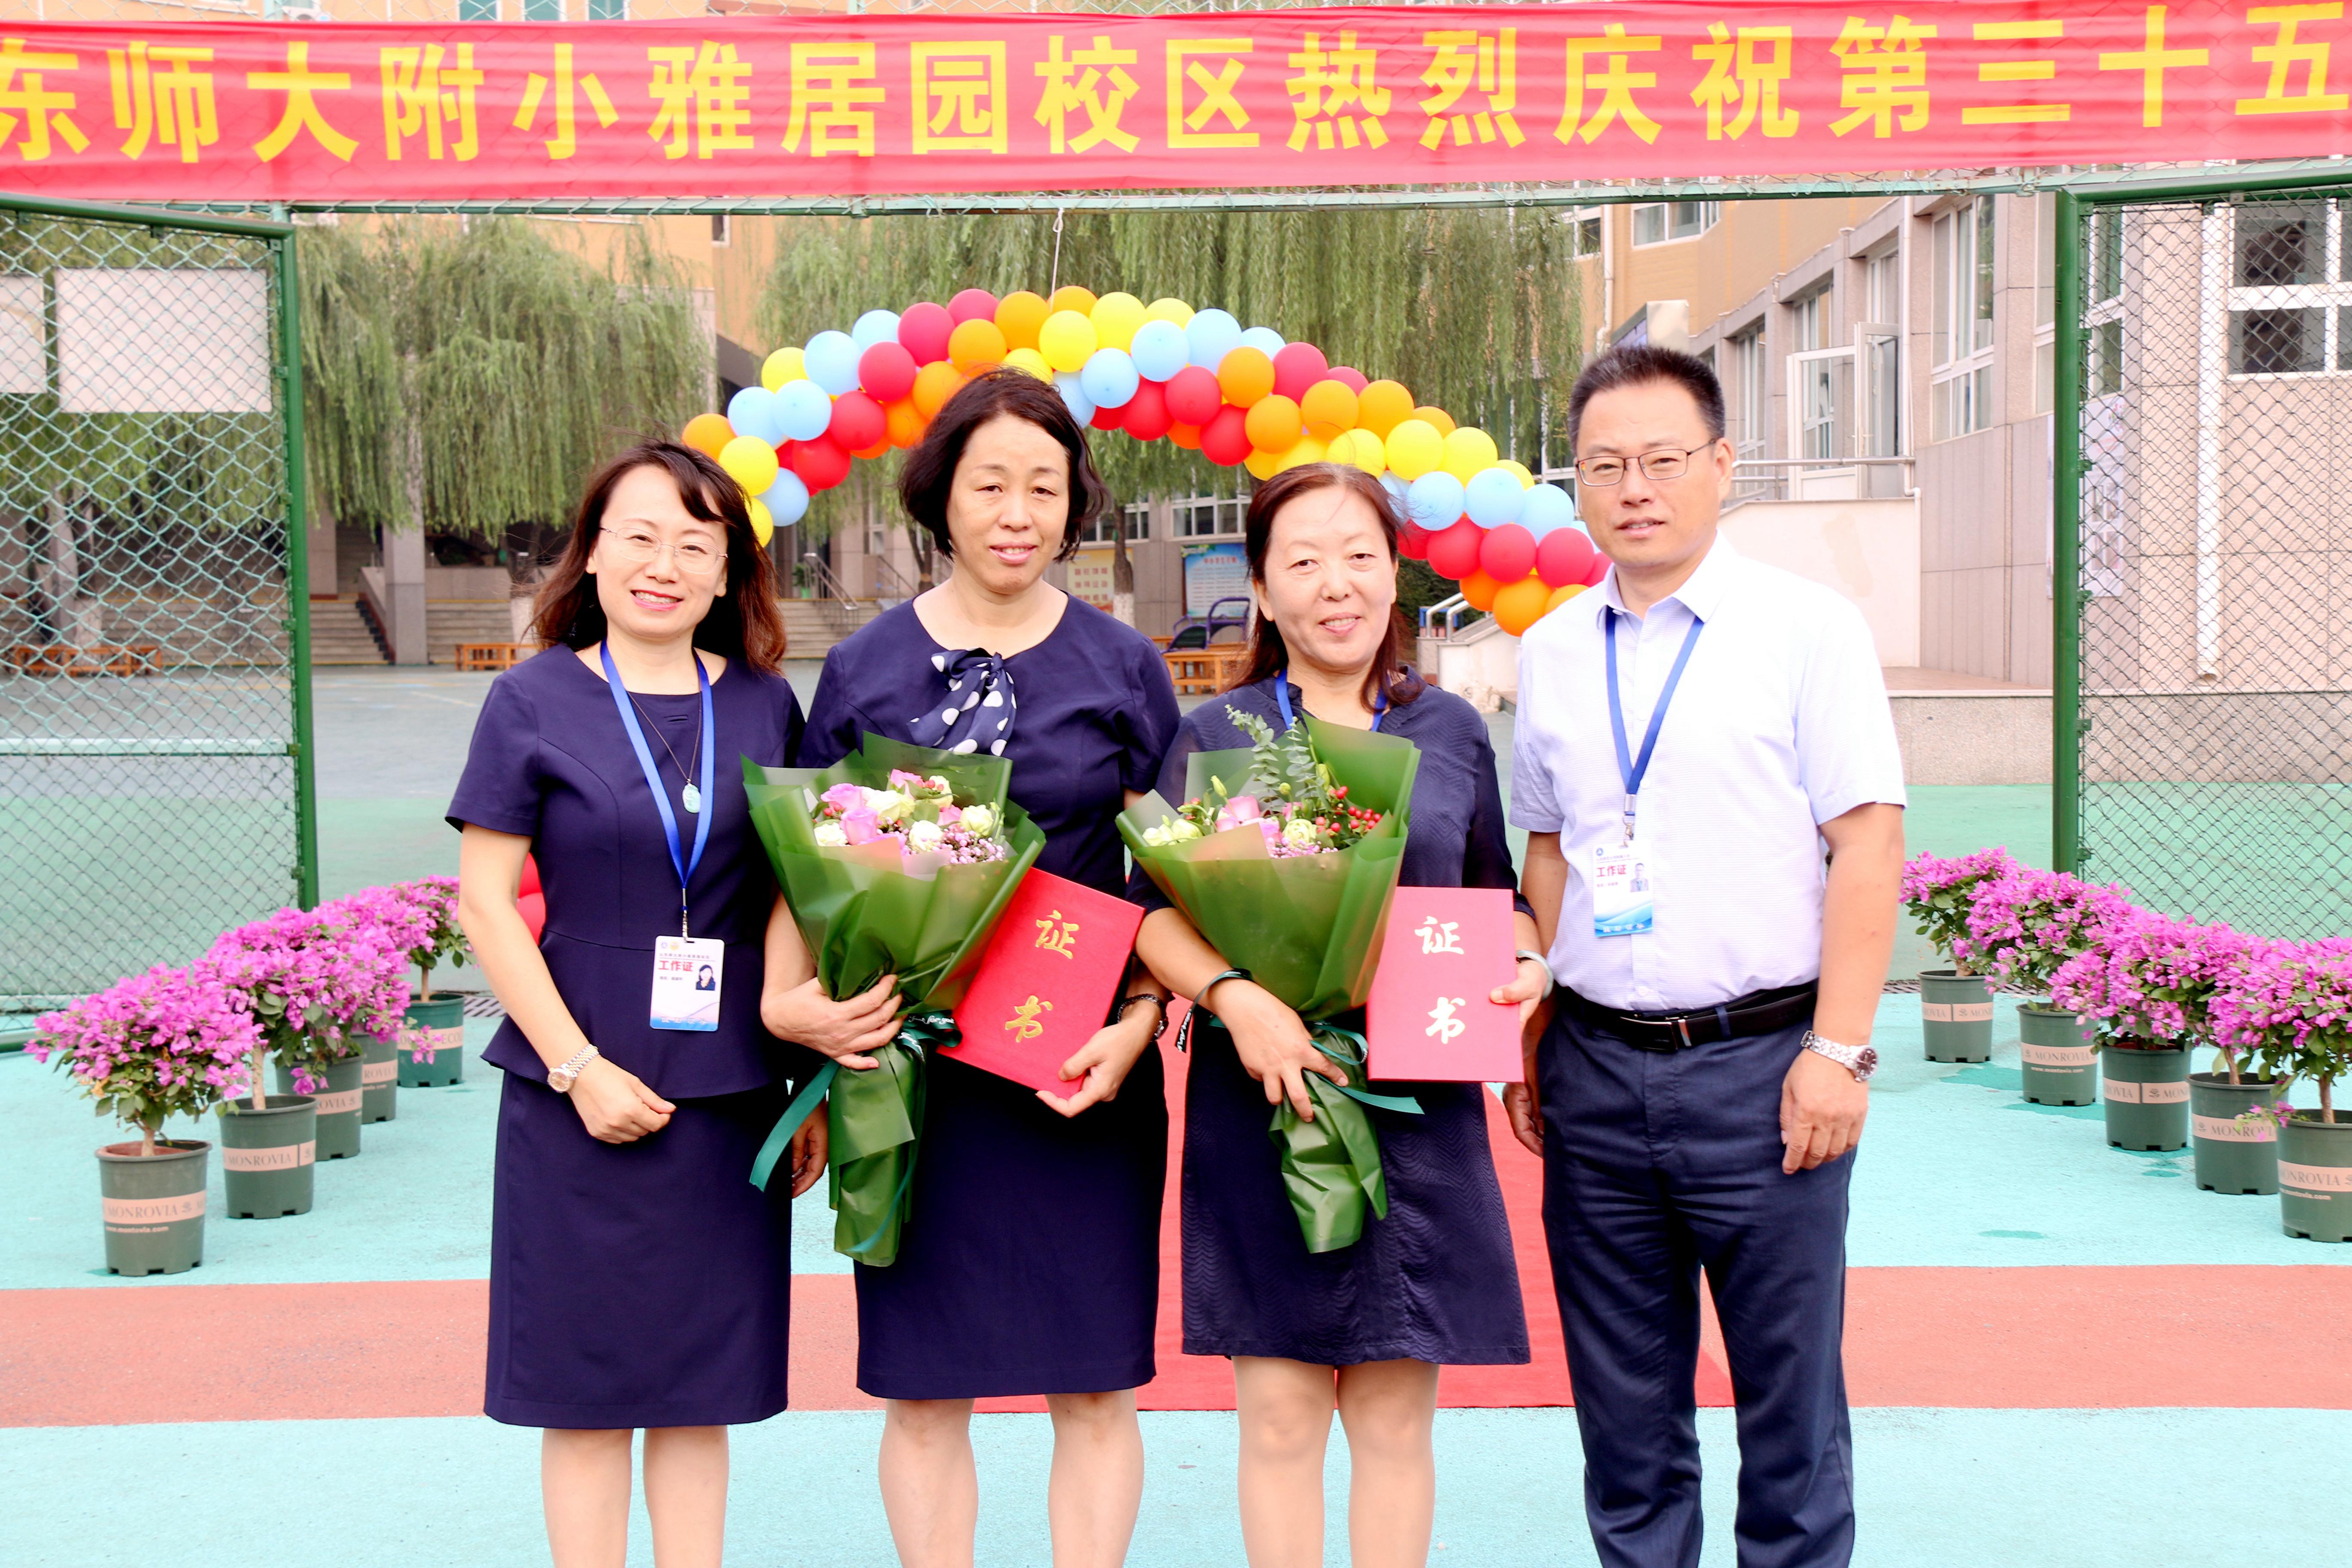 山师附小雅居园校区老师携家人温馨走红毯庆教师节